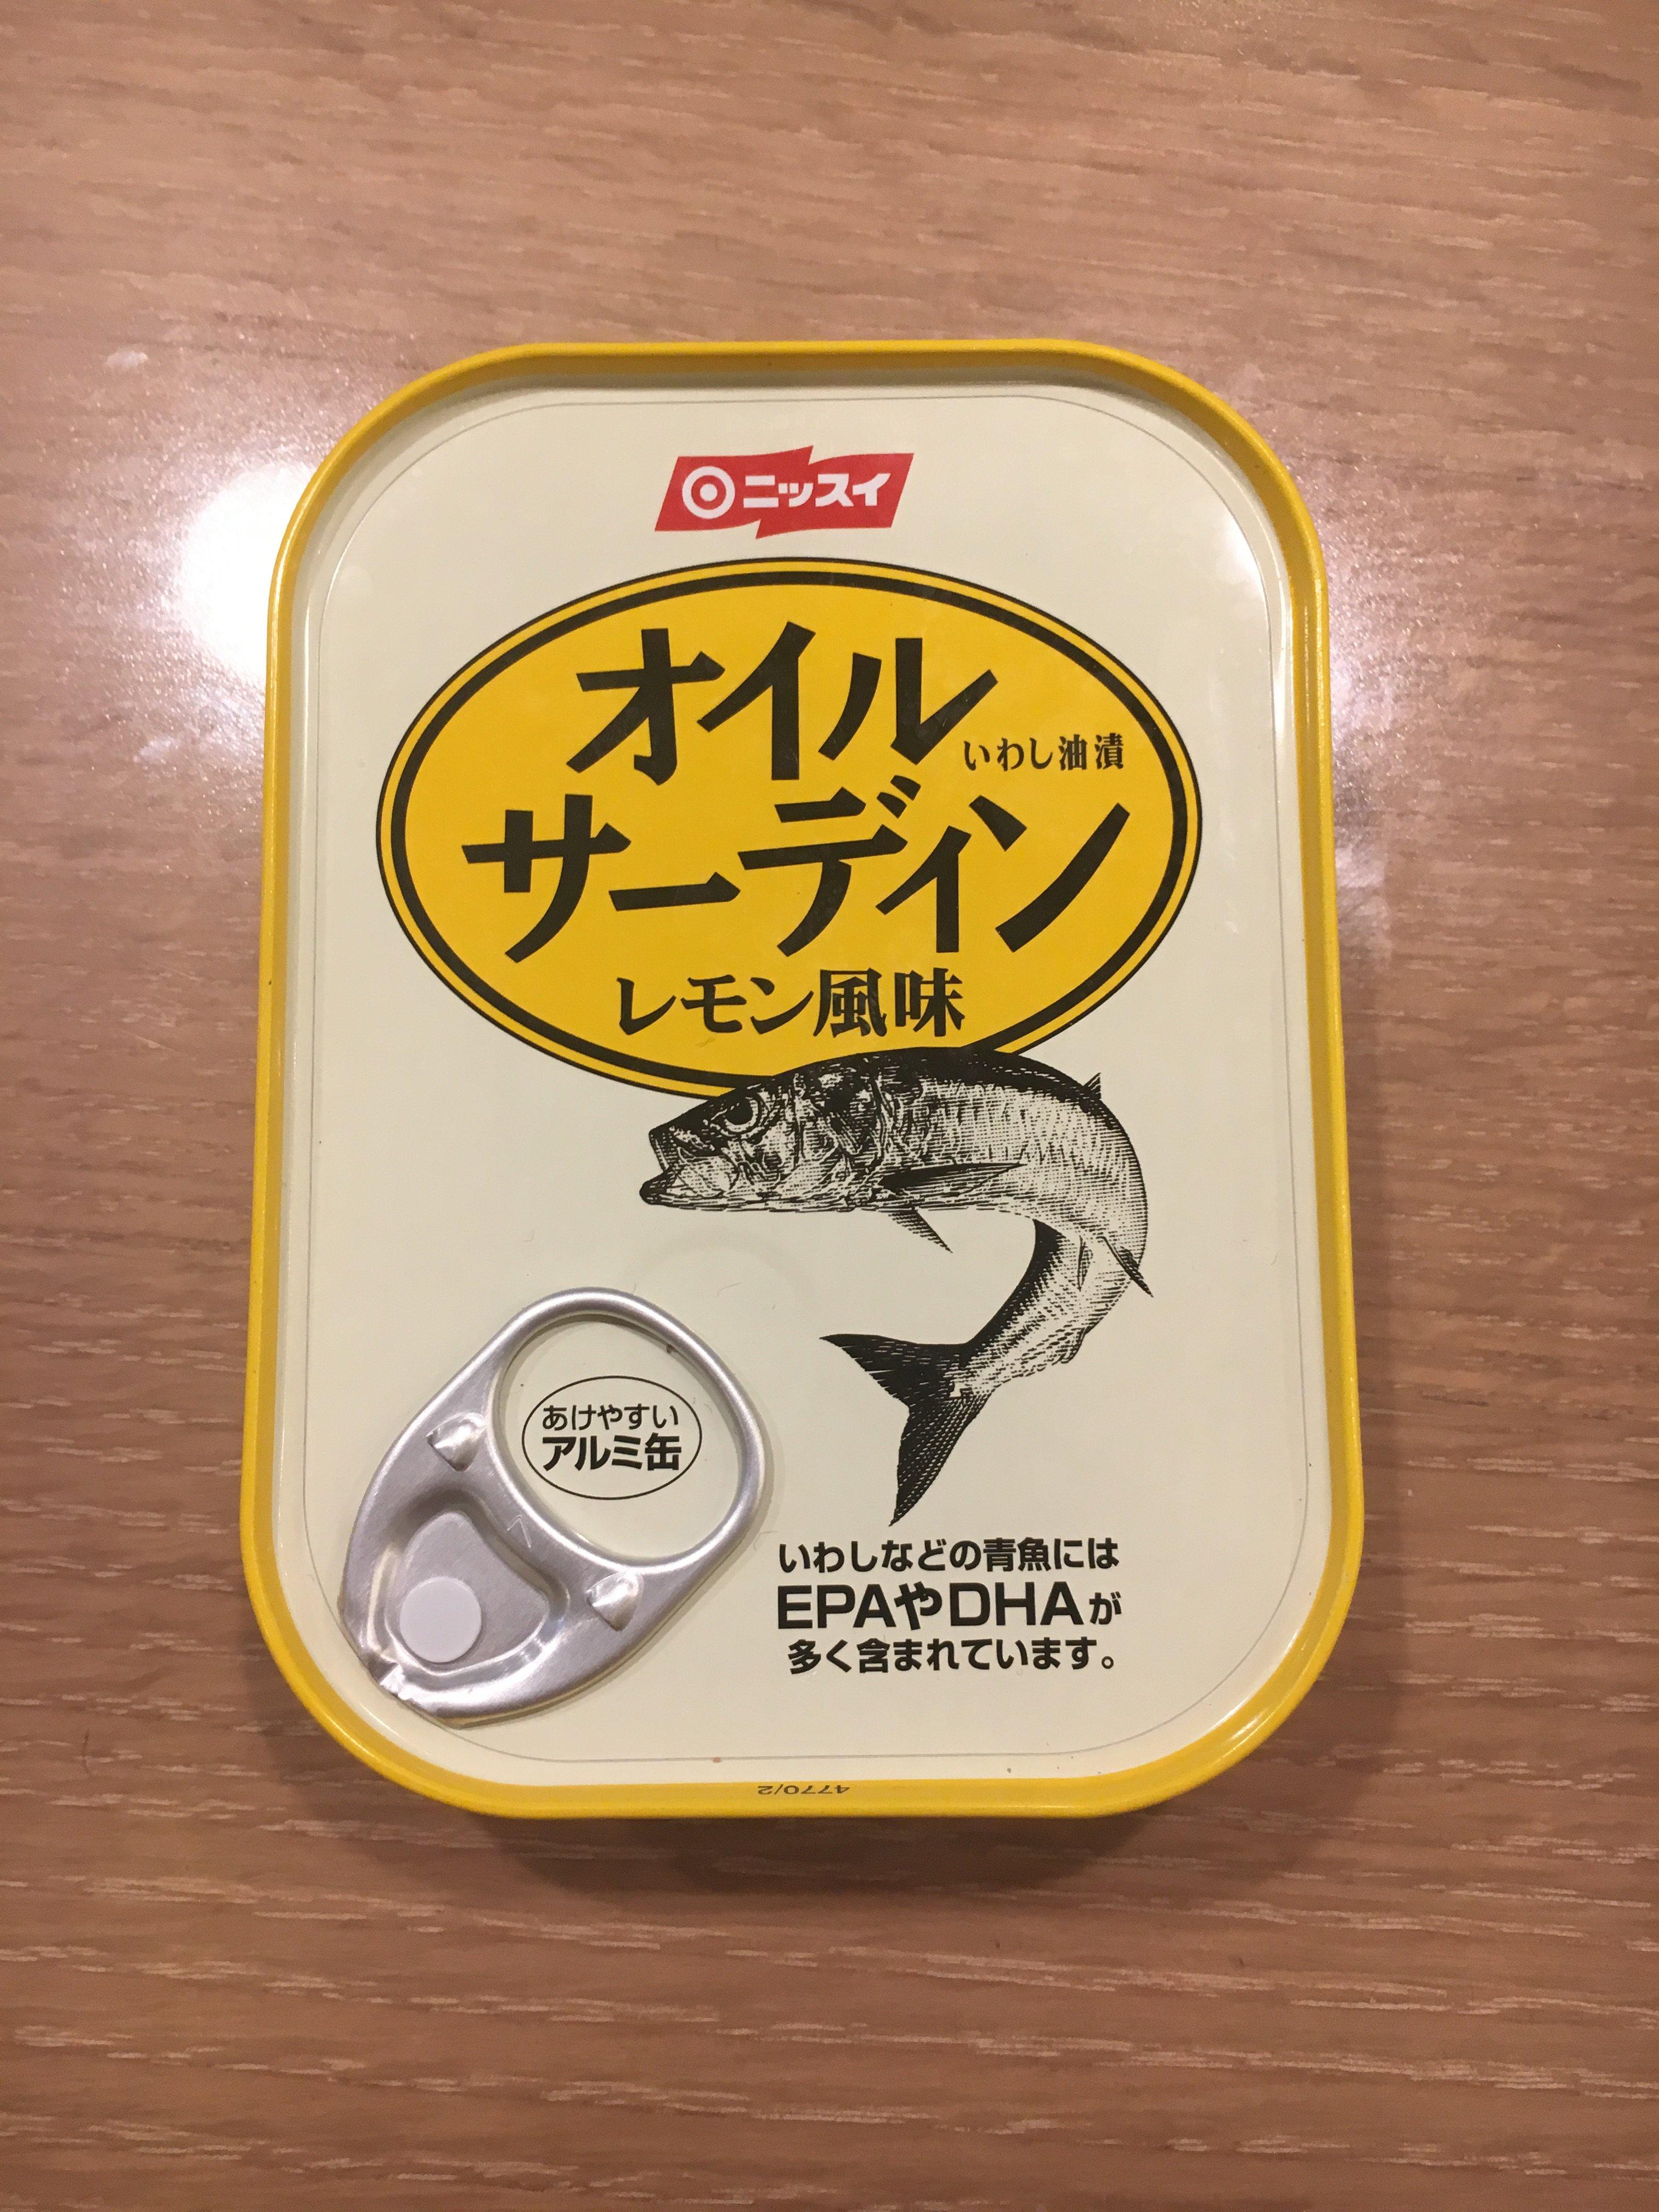 ニッスイ 缶詰 オイルサーデイン レモン風味 コスパいいですよ 美味しい